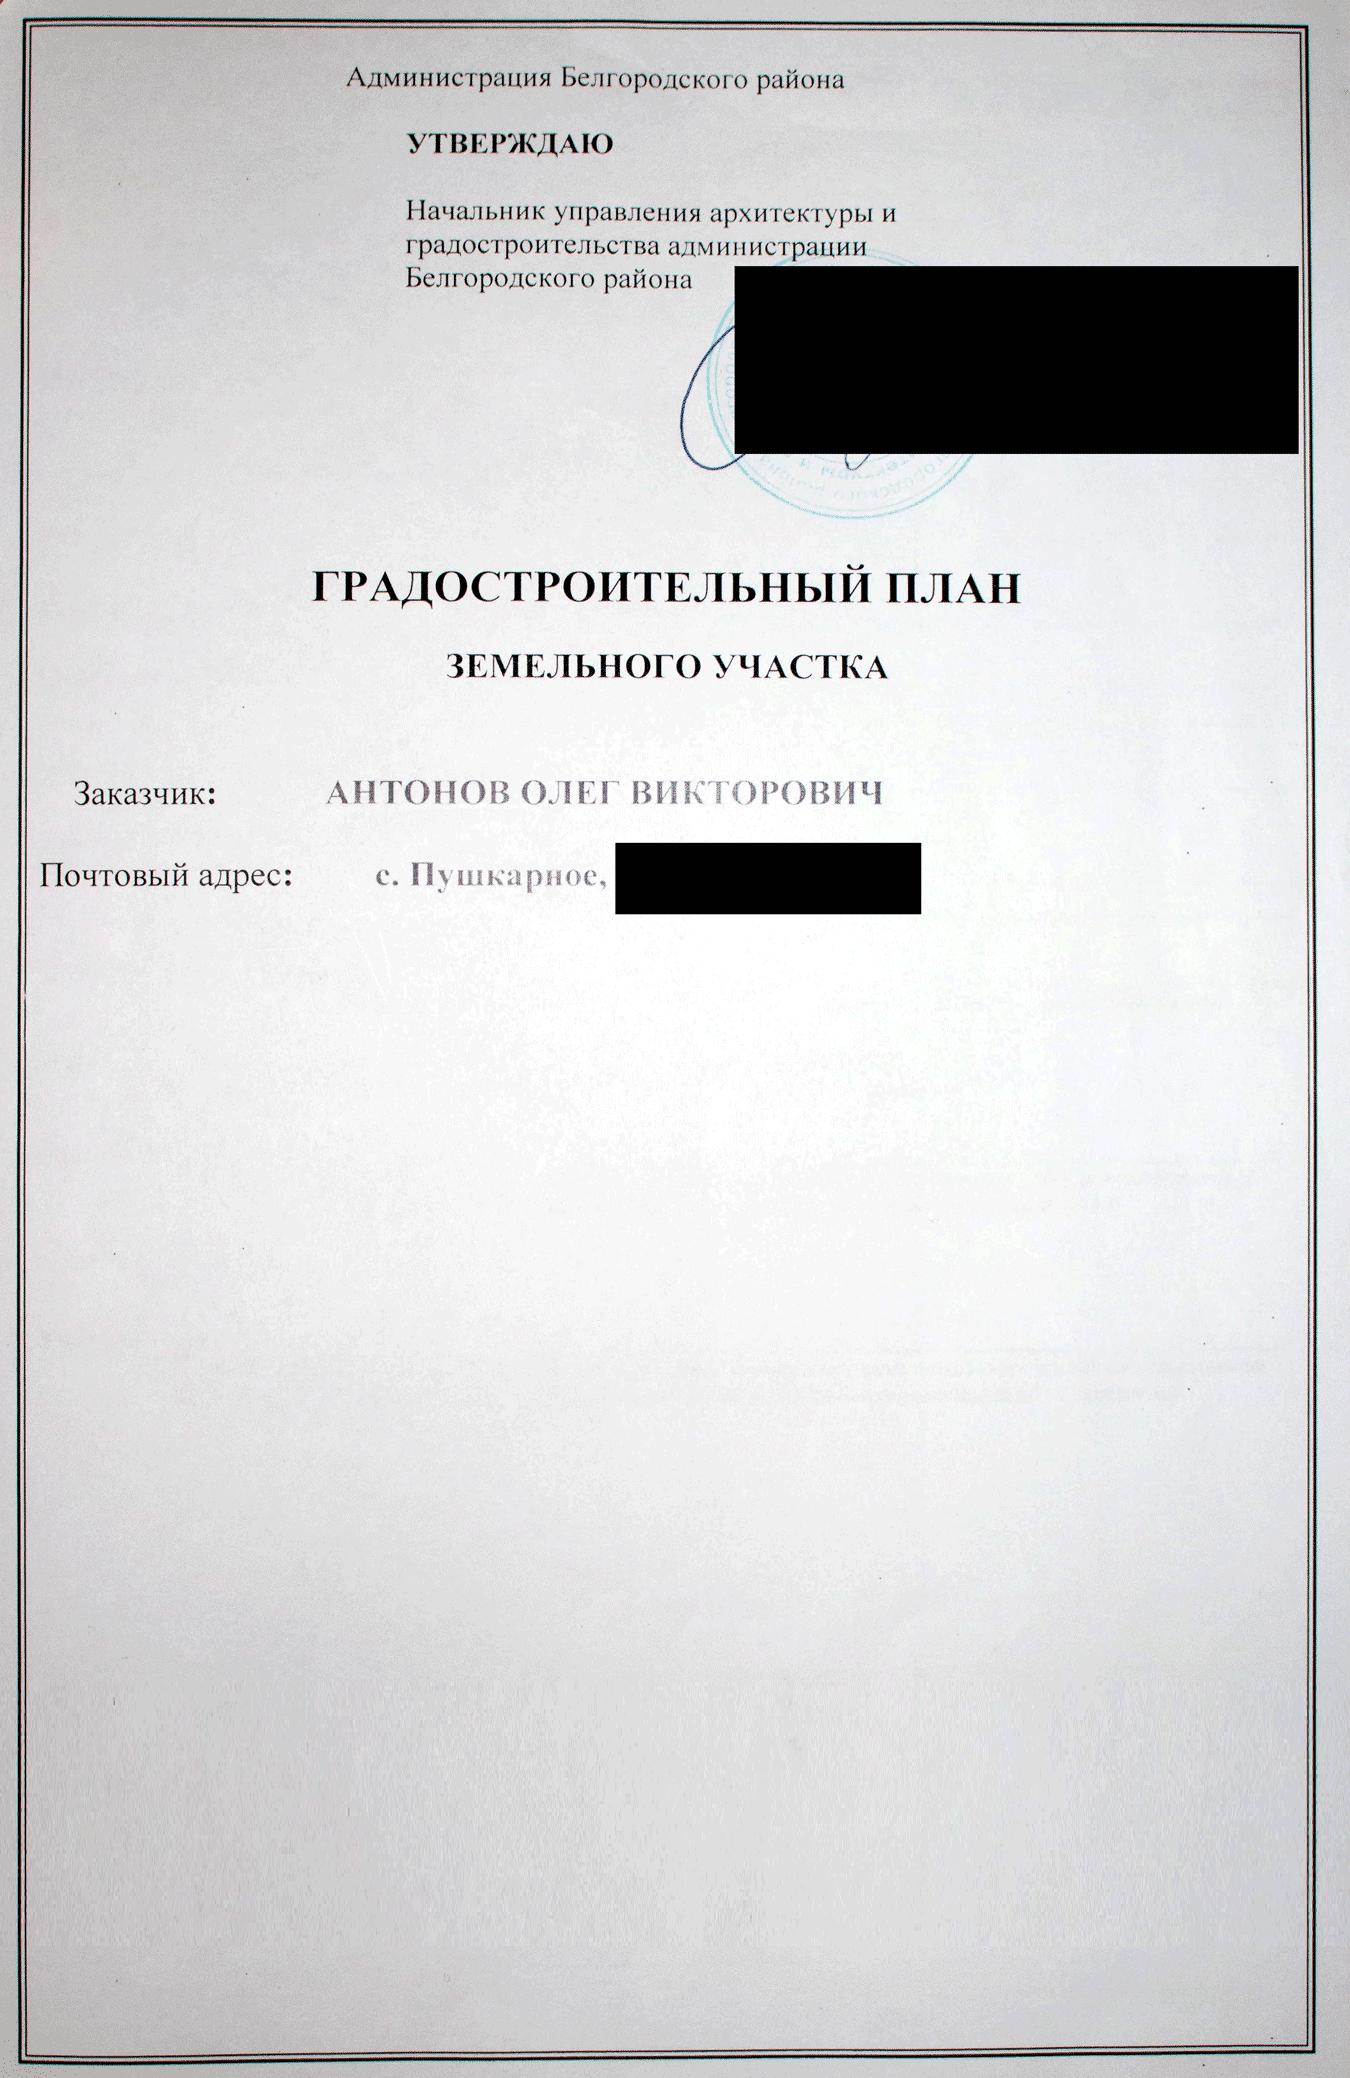 Разрешение на строительство: что это такое, кто выдает, порядок получения на основании ст 51 градостроительного кодекса рф, форма и образец документа